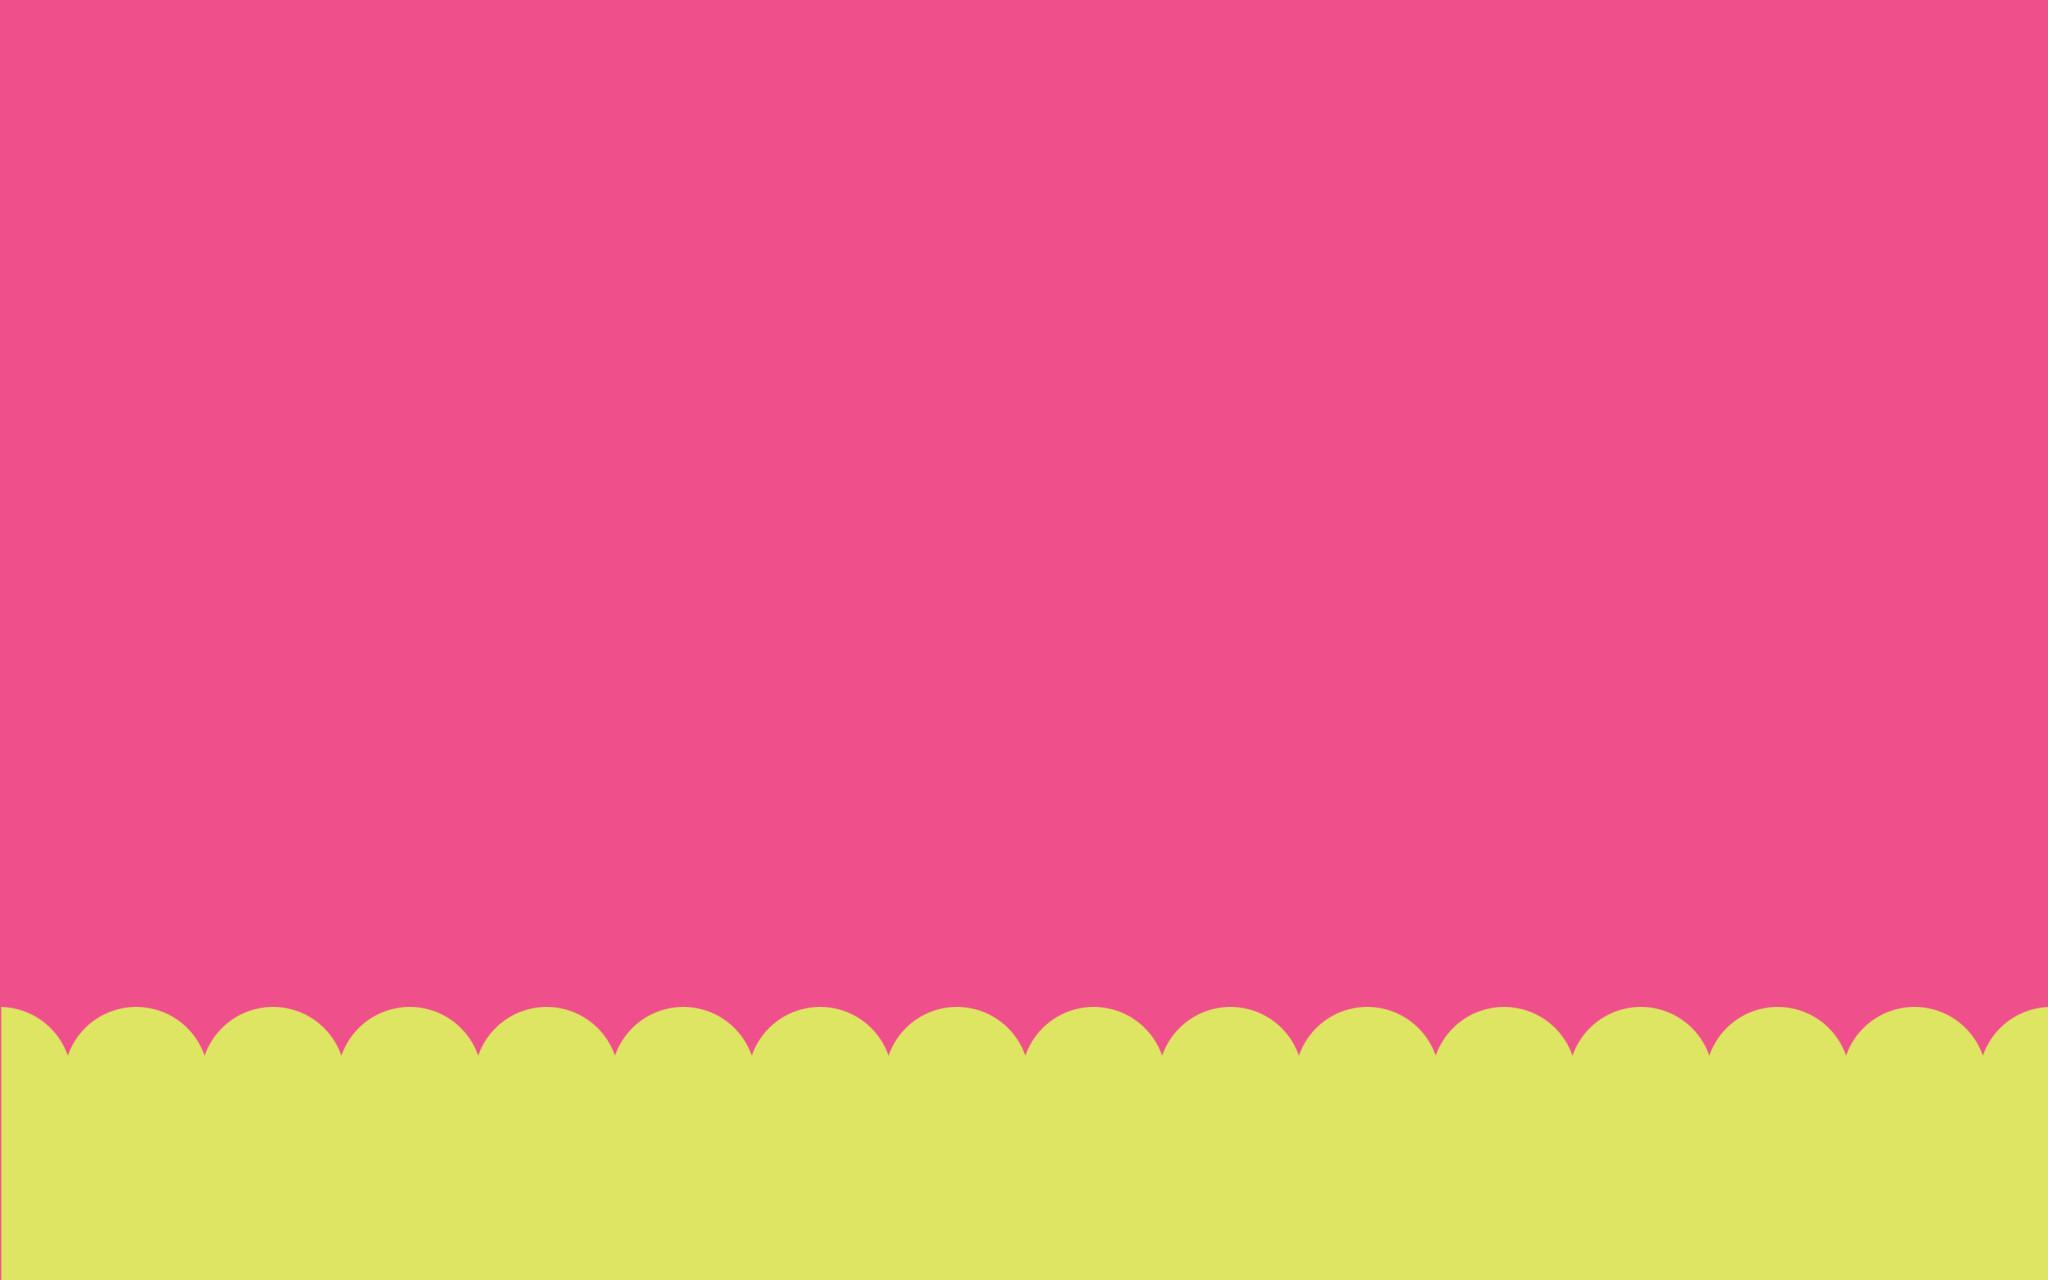 pink desktop wallpaper free